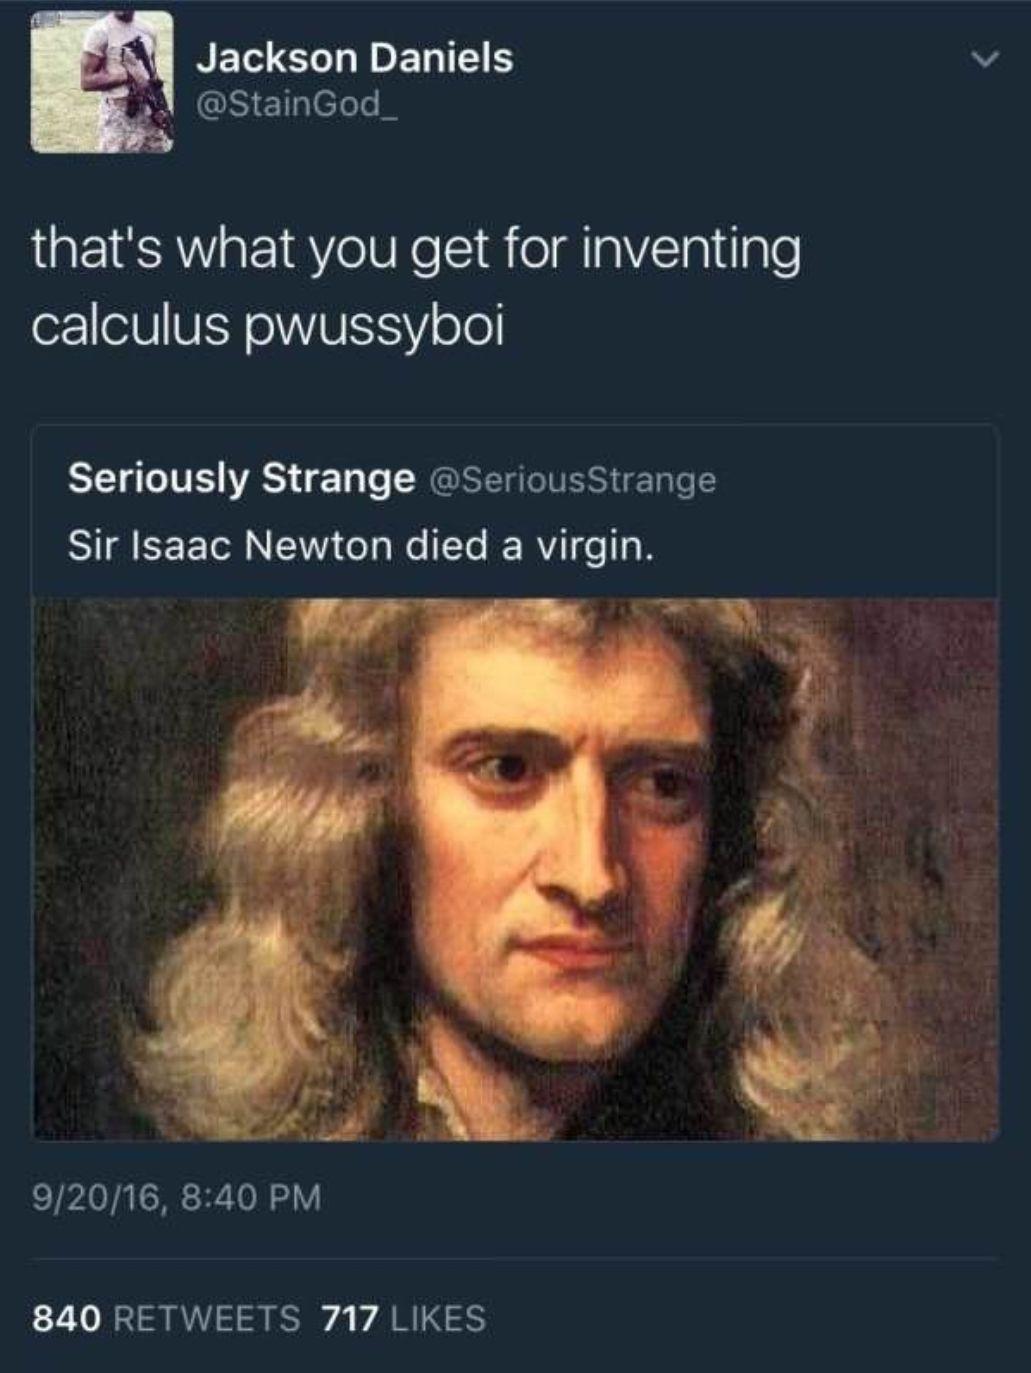 Pwussyboi